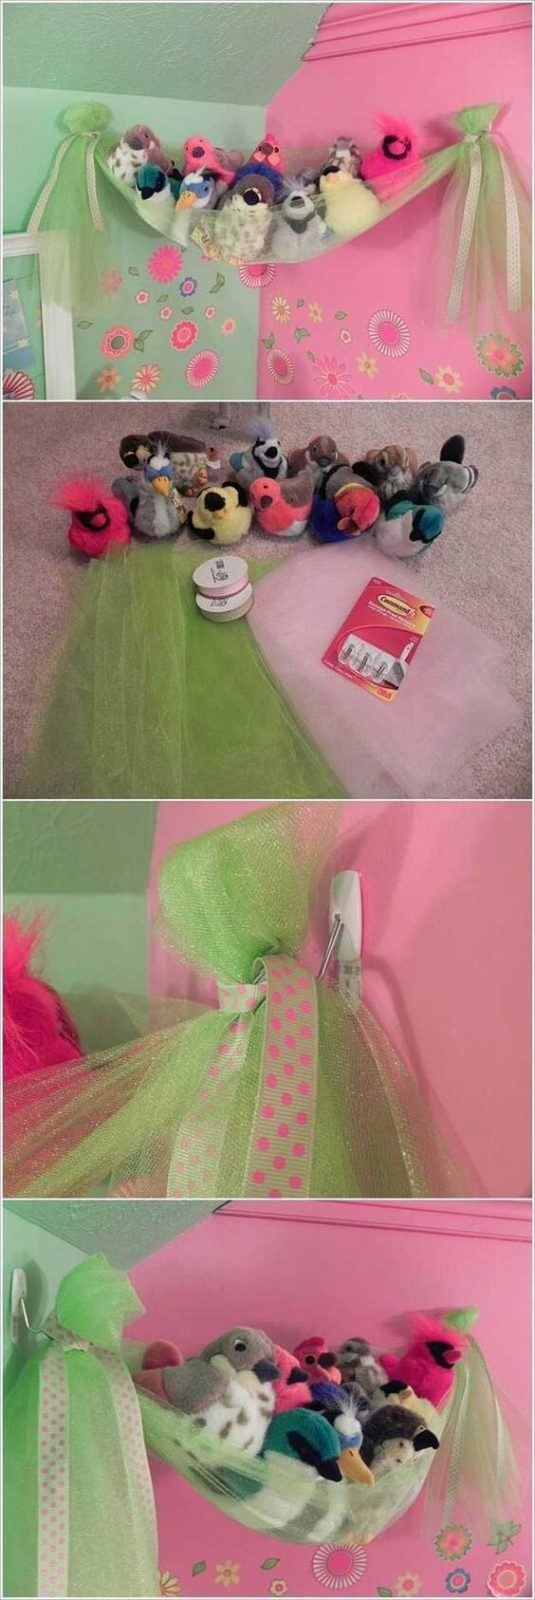 Plüschtiere Aufbewahren, Ordnung im Kinderzimmer, Deko Ideen und DIY Wohnaccessoires